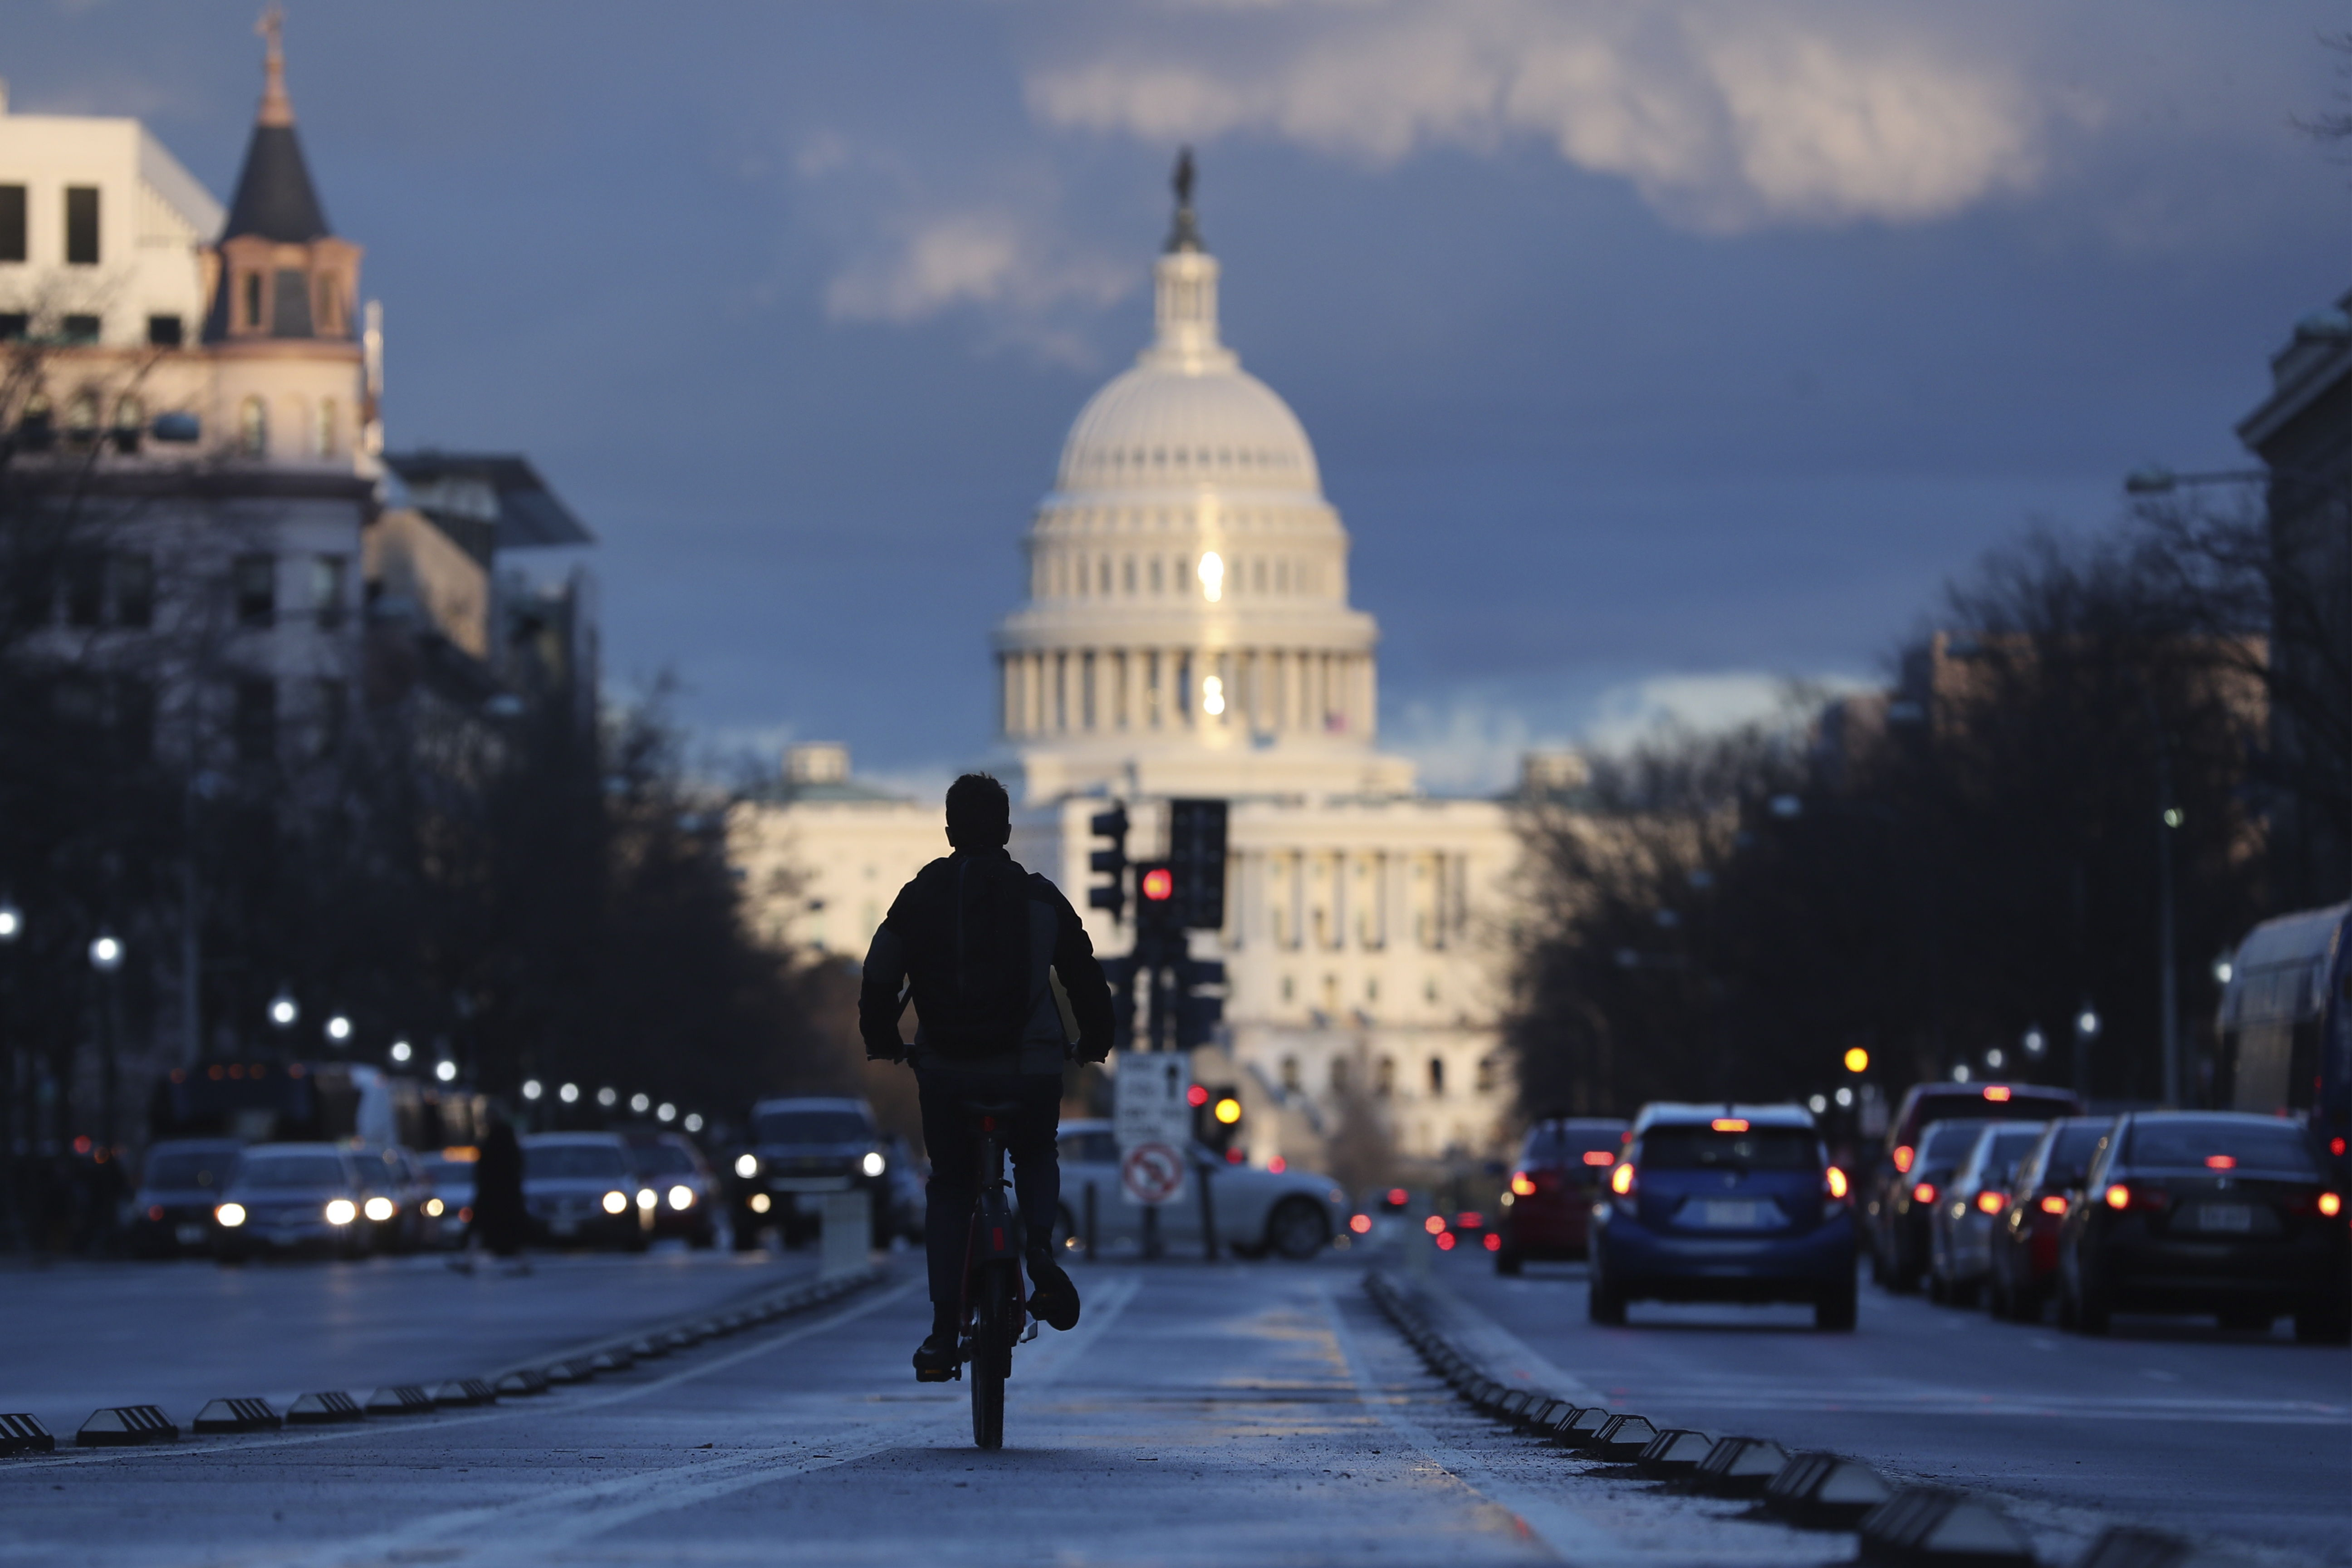 La entrega de la investigación sobre la supuesta colisión con Rusia atrae la atención de Estados Unidos. (Foto Prensa Libre: AFP)